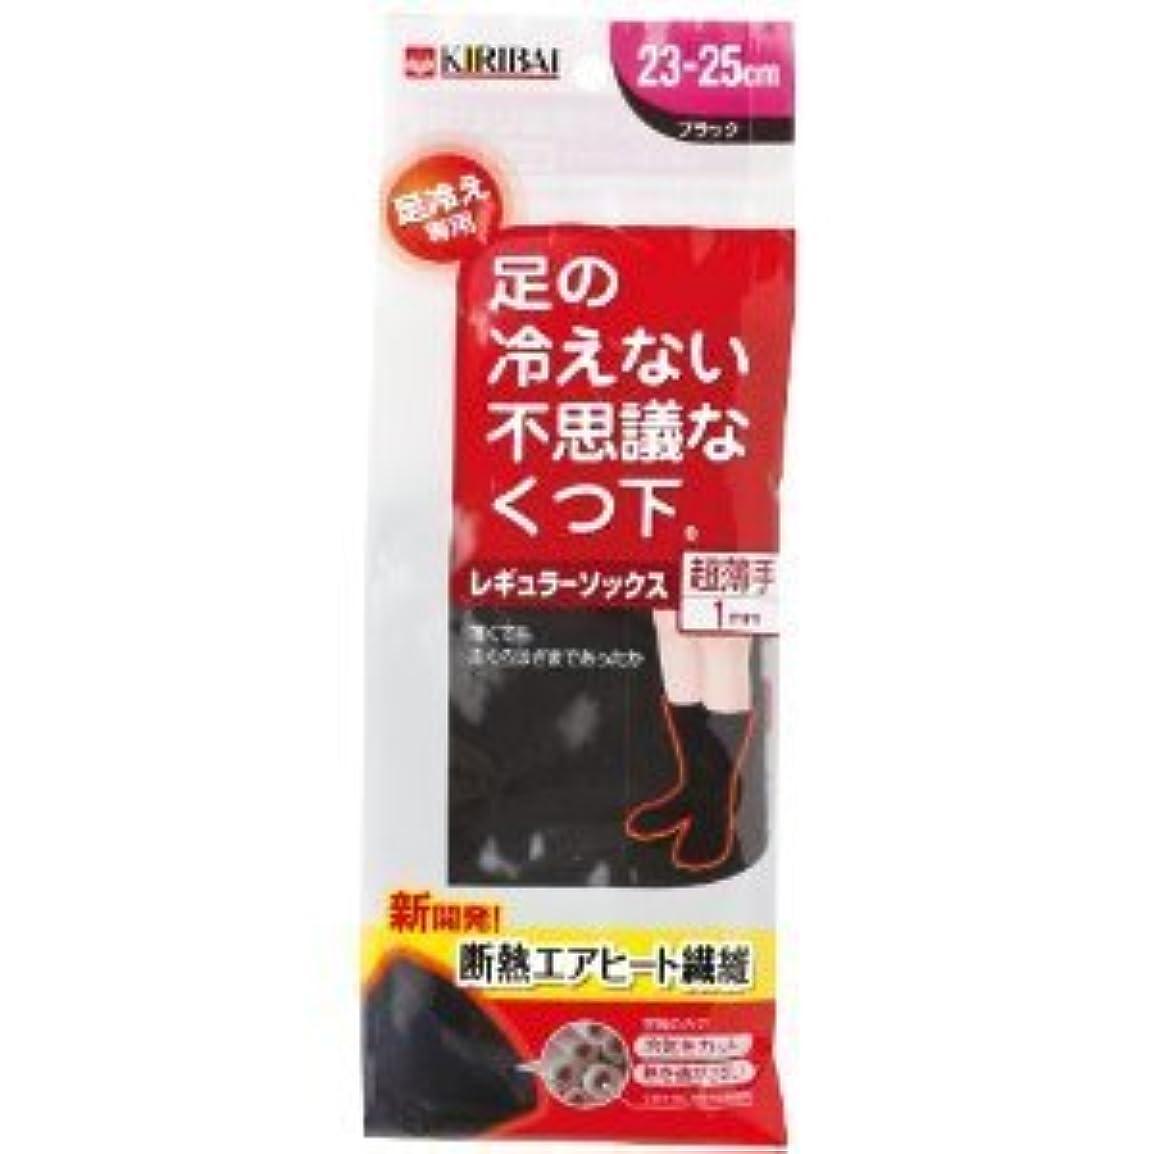 西部十年ランチ足の冷えない不思議なくつ下 レギュラーソックス 超薄手 ブラック 23-25cm×2個